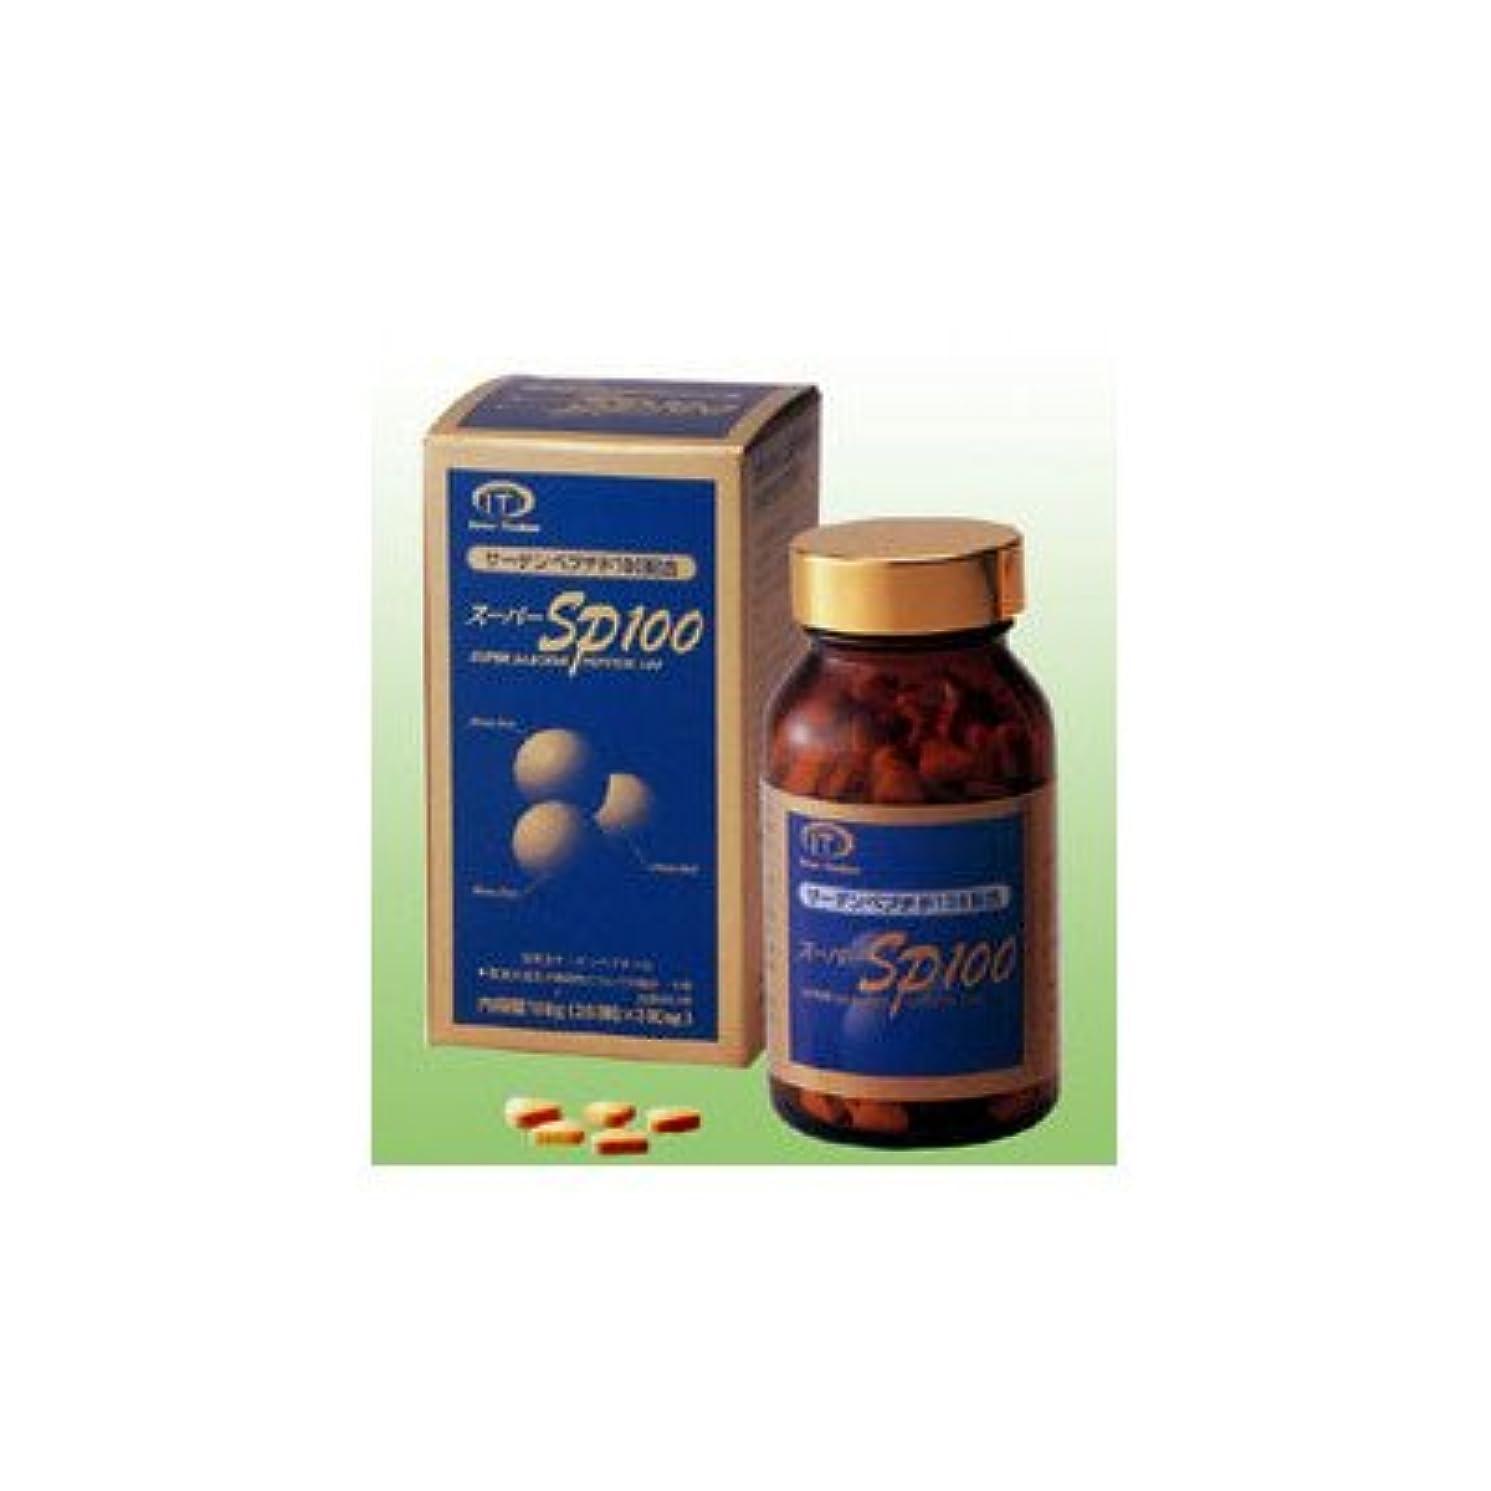 保険をかけるファイアル分離するスーパーSP100(イワシペプチド)(360粒) 2箱